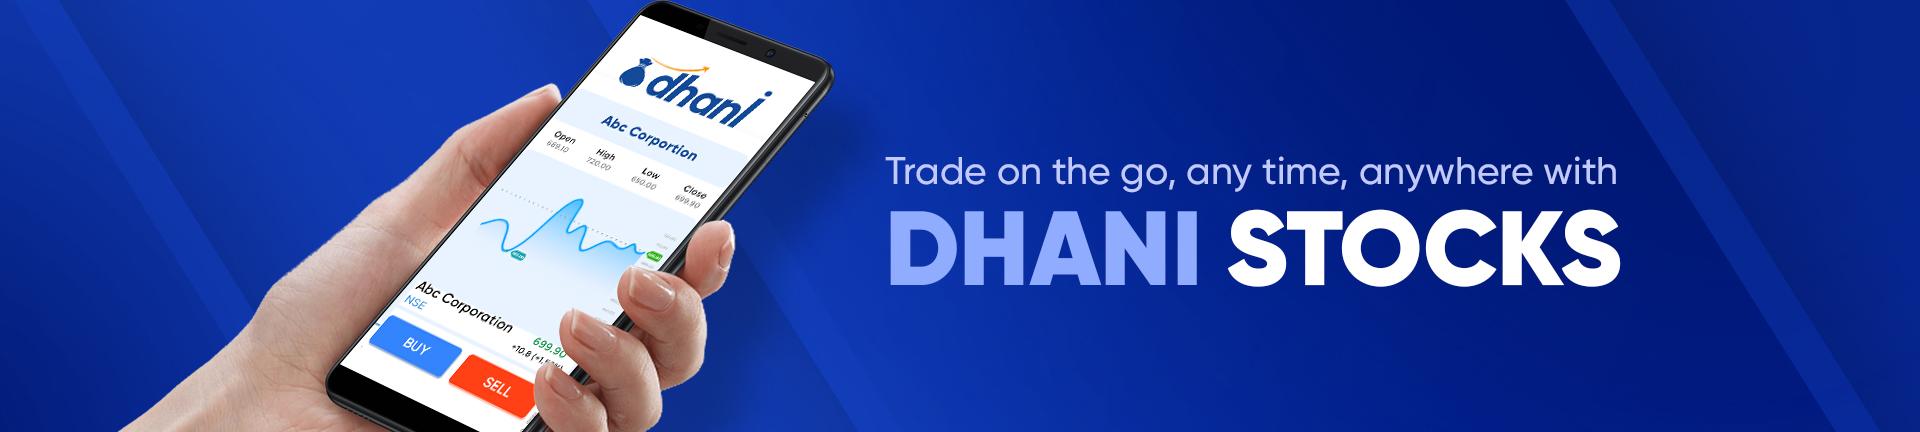 Dhani Stocks - Share Market Trading Mobile App